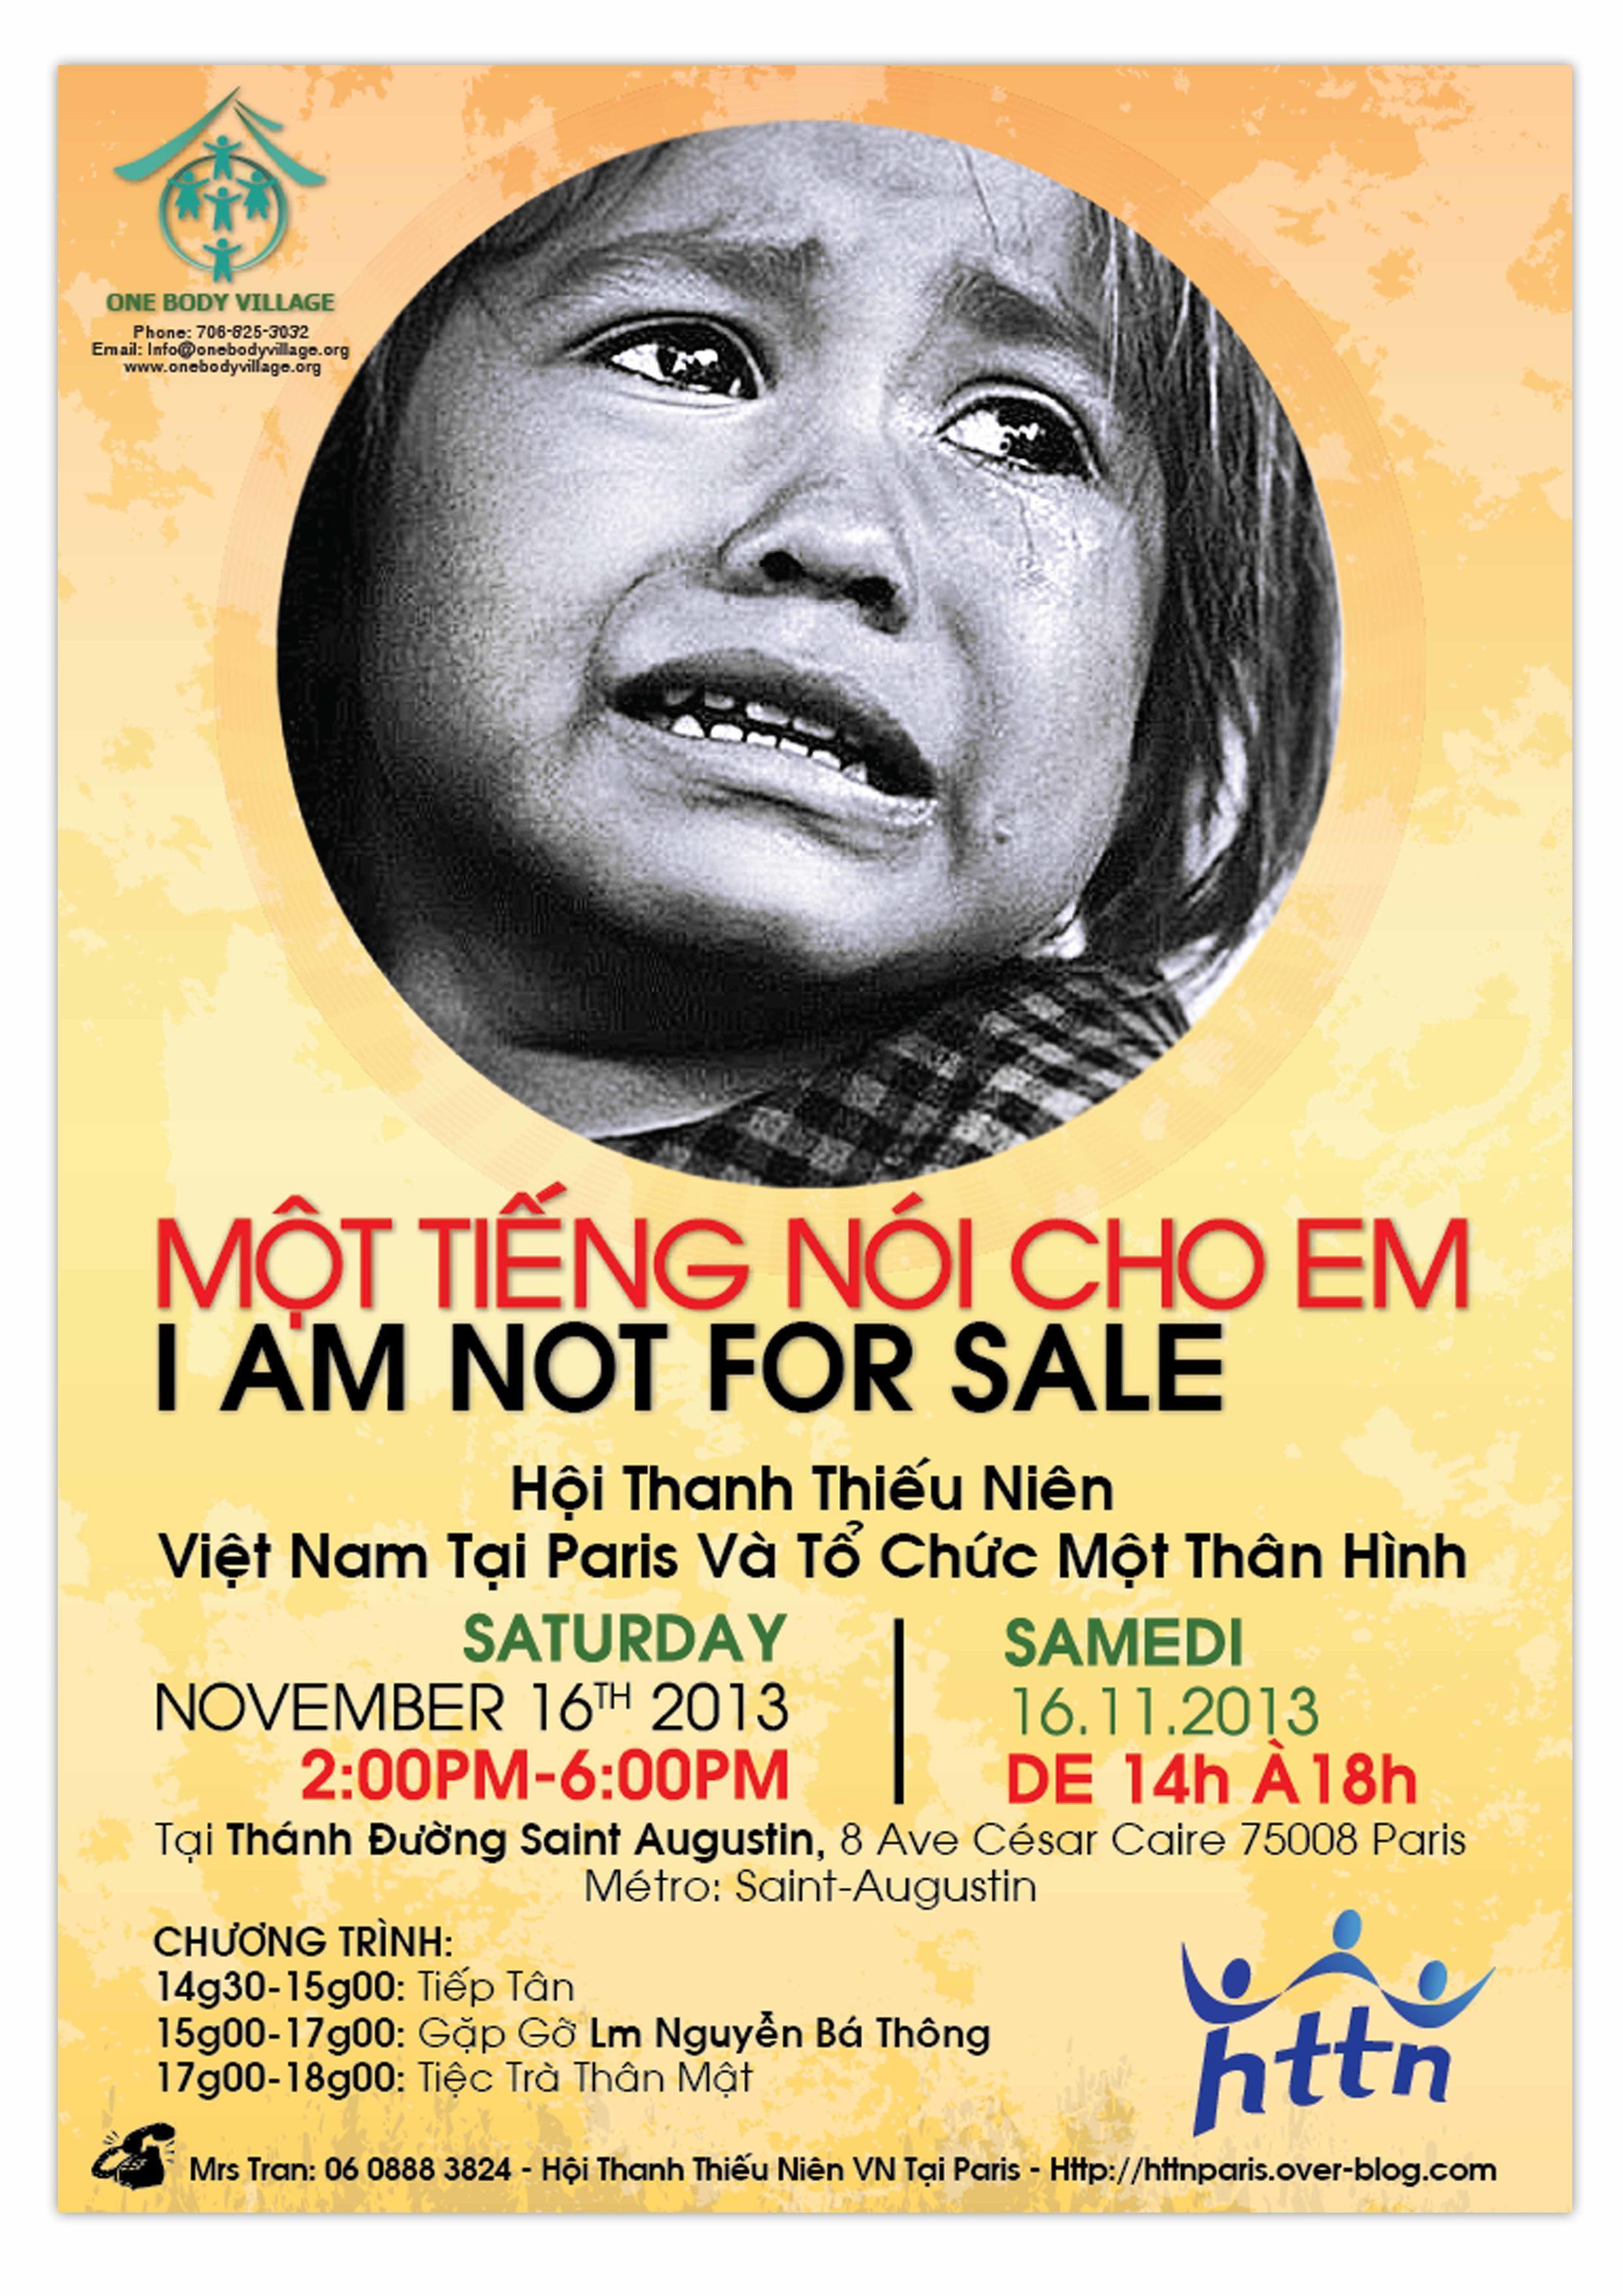 Affiche buổi thuyết trình của linh mục Nguyễn Bá Thông ngày 16/11 tại Paris.